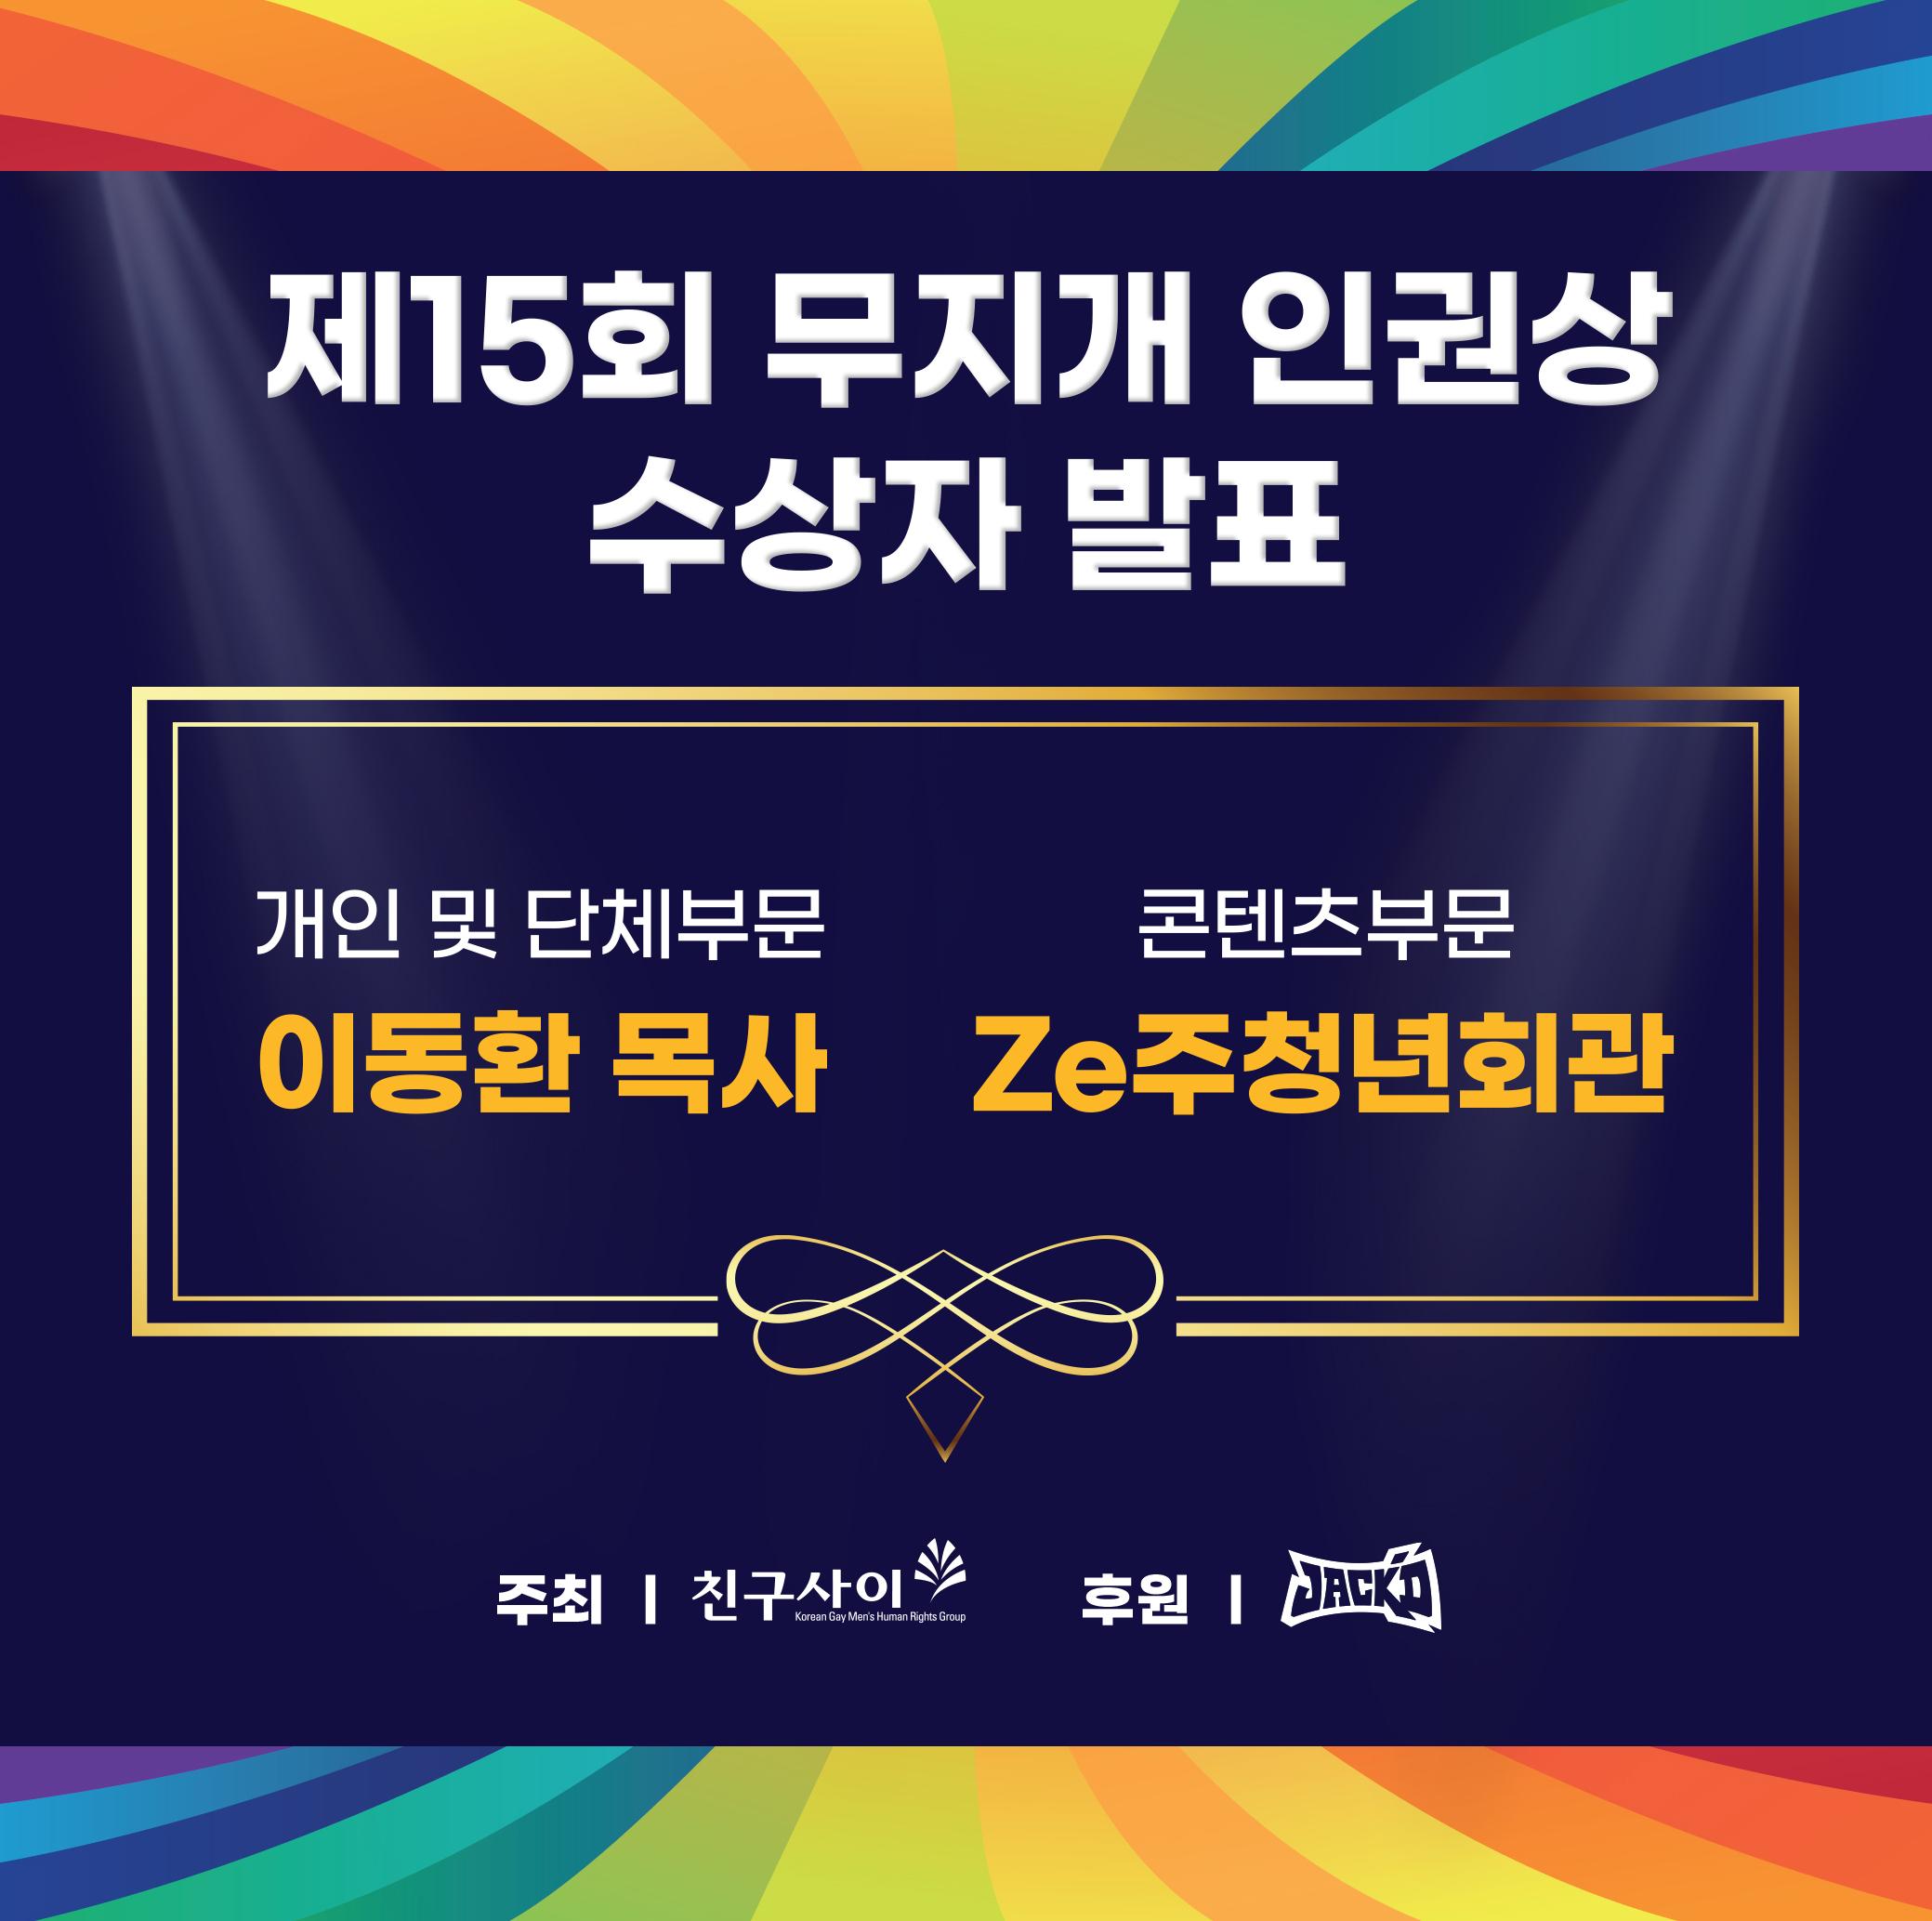 2021_15회 무지개인권상 수상발표.jpg